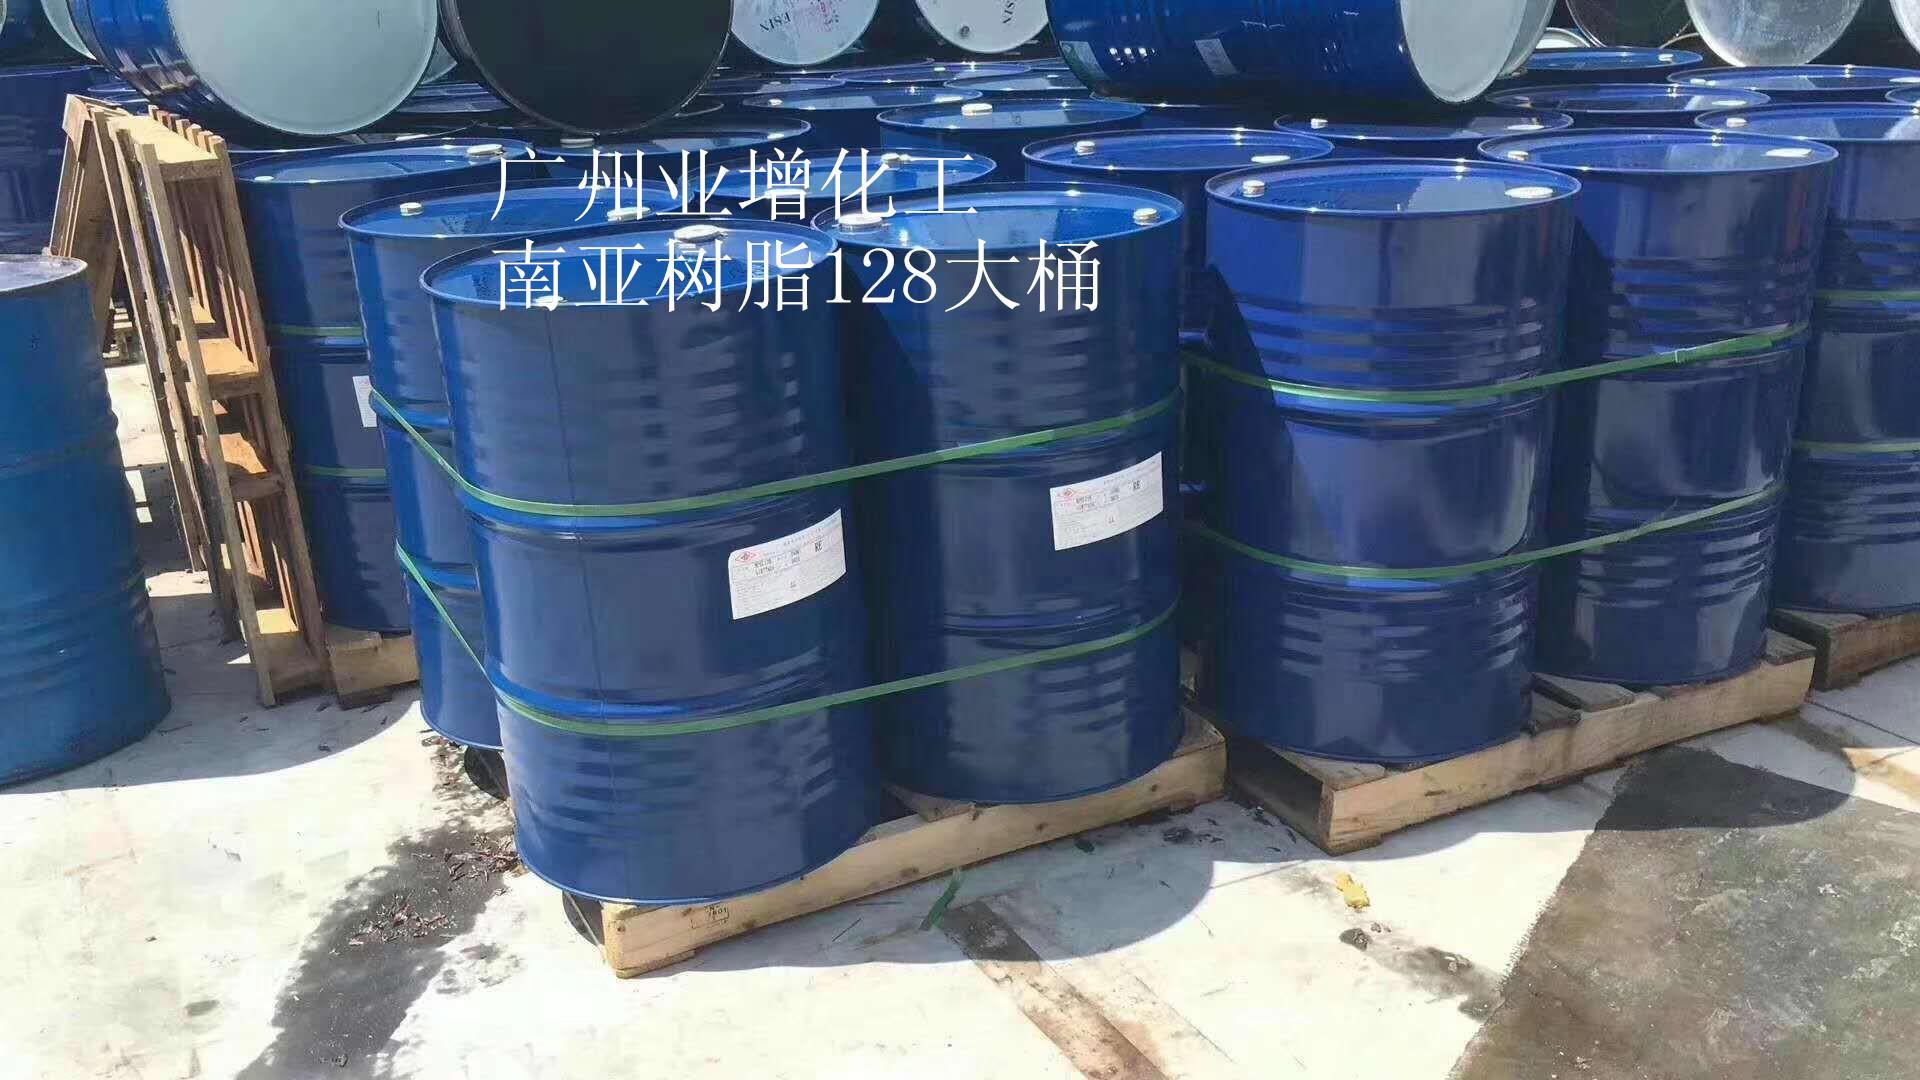 現貨供應臺灣南亞環氧樹脂128